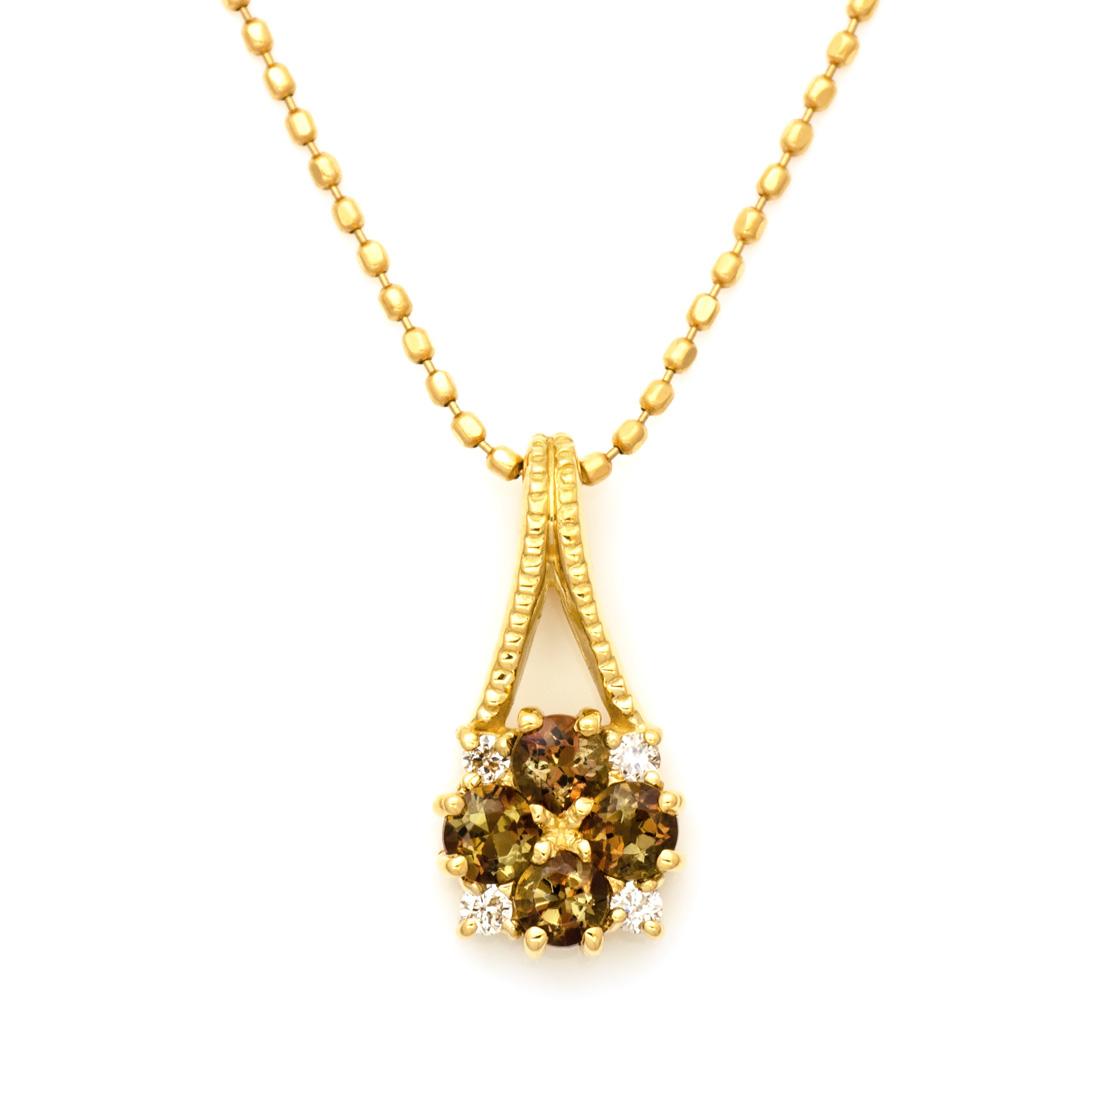 ペンダントトップ アンダルサイト ダイヤモンド 「bouquet」 ゴールド K18